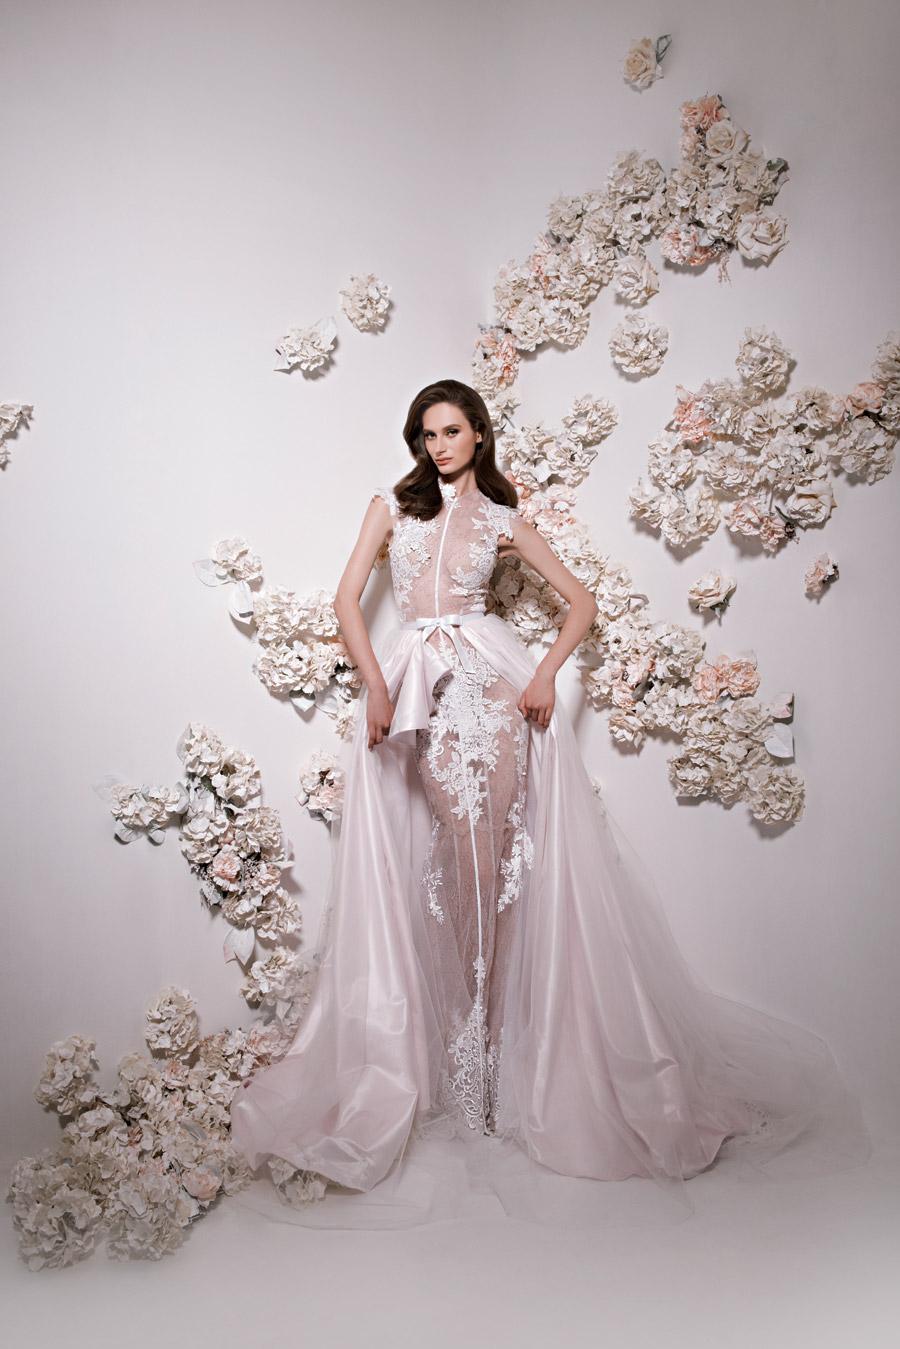 שמלת כלה רומנטית נועזת ורודה